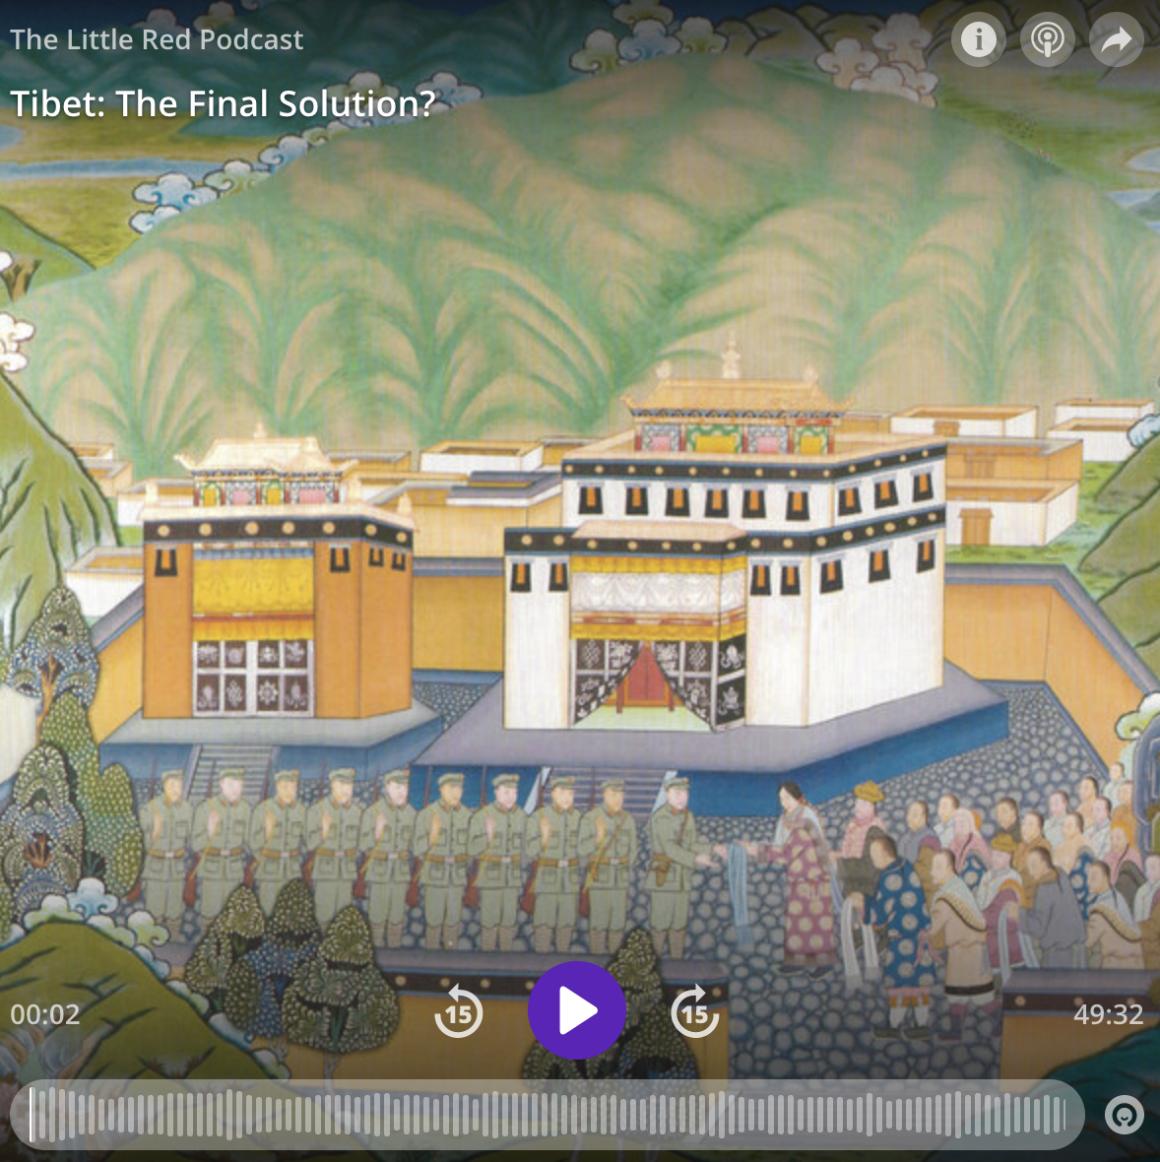 Tibet: The Final Solution?